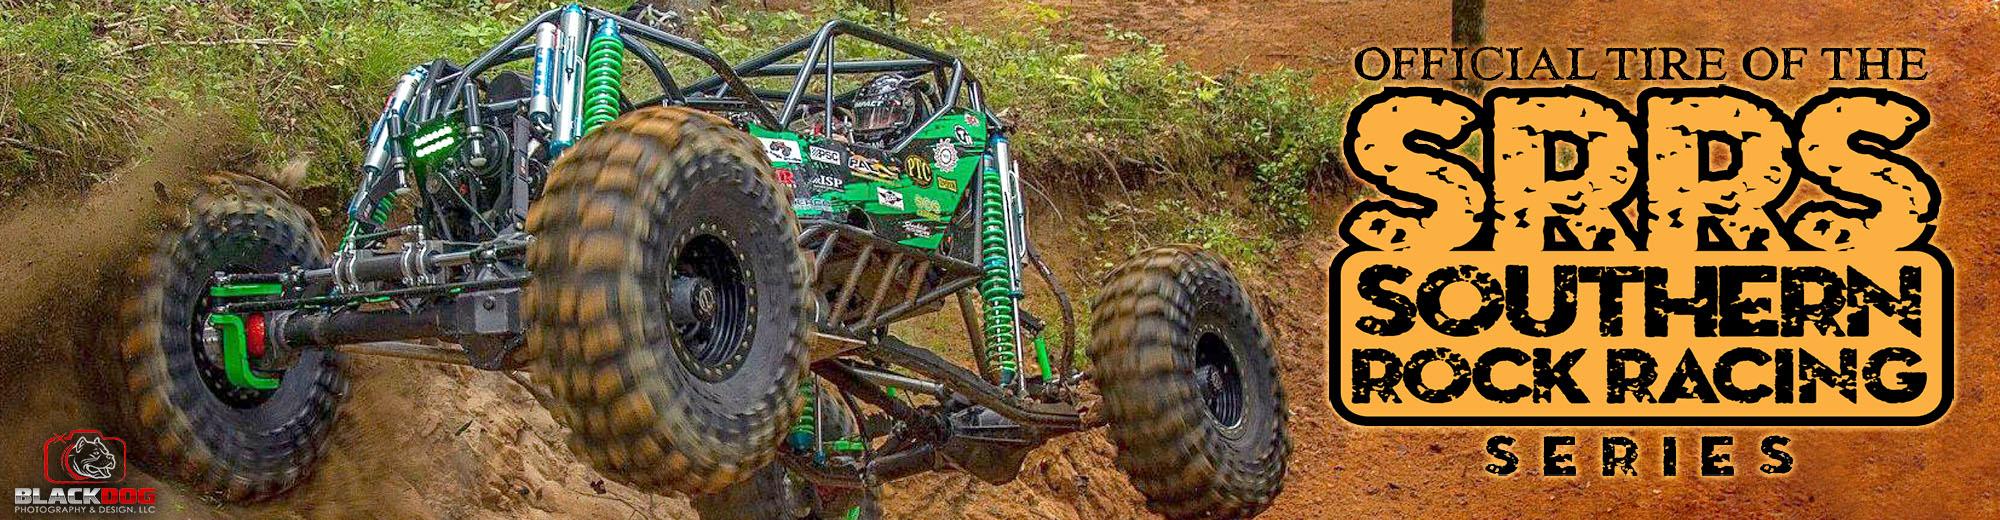 Interco Tire   Off Road Tires